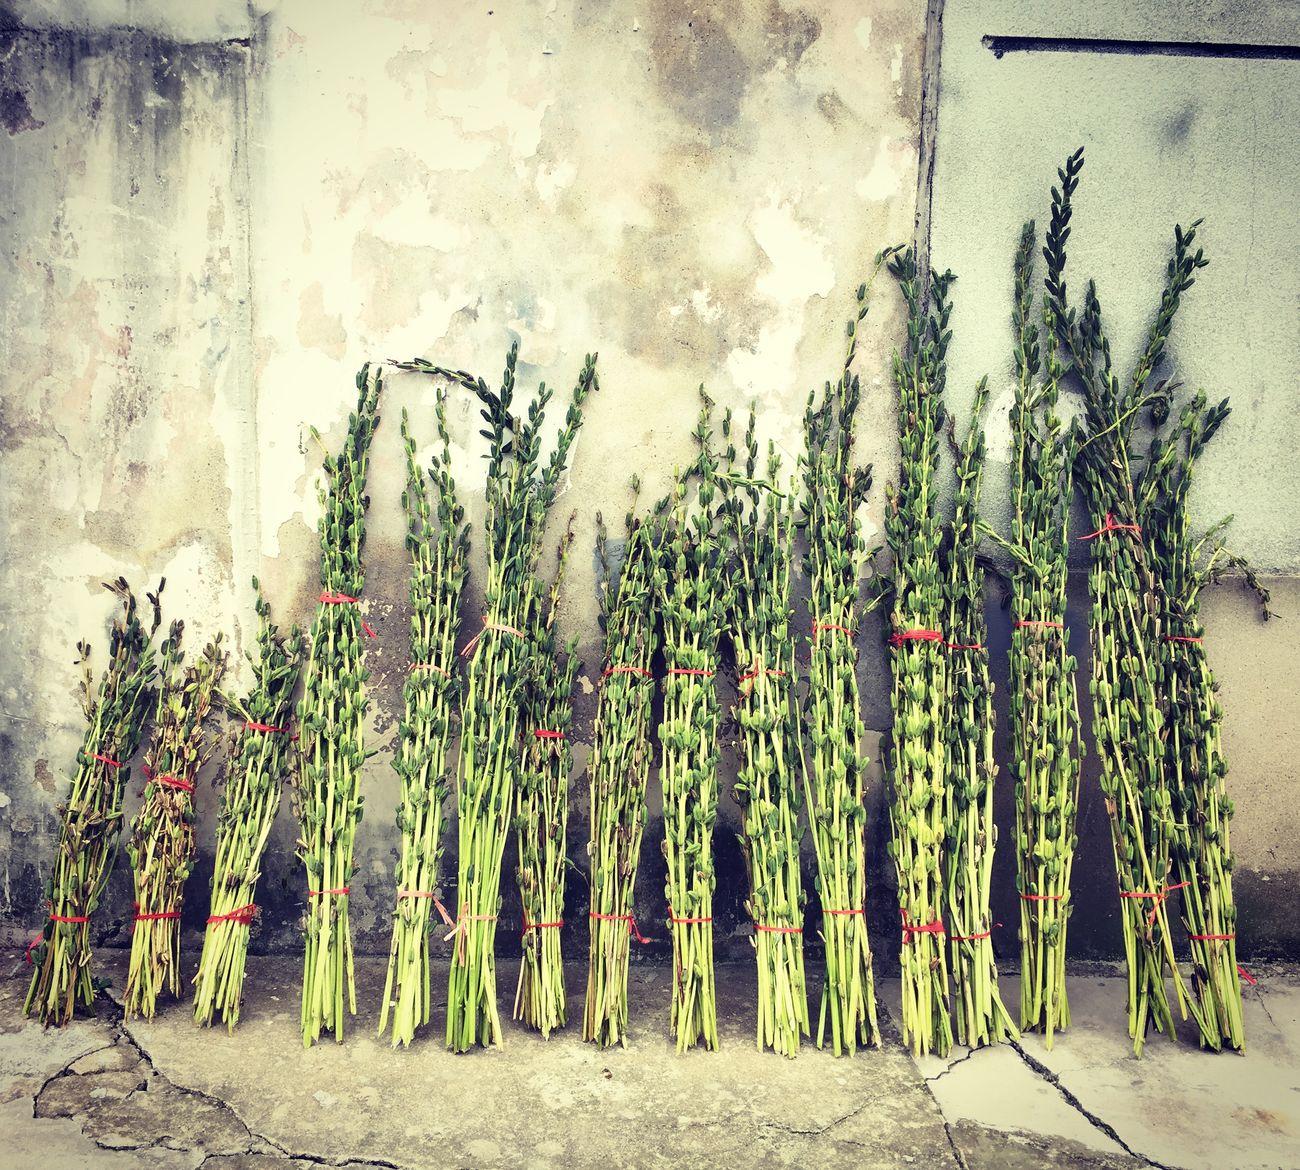 wifi 芝麻 Plants Wifi Sesame